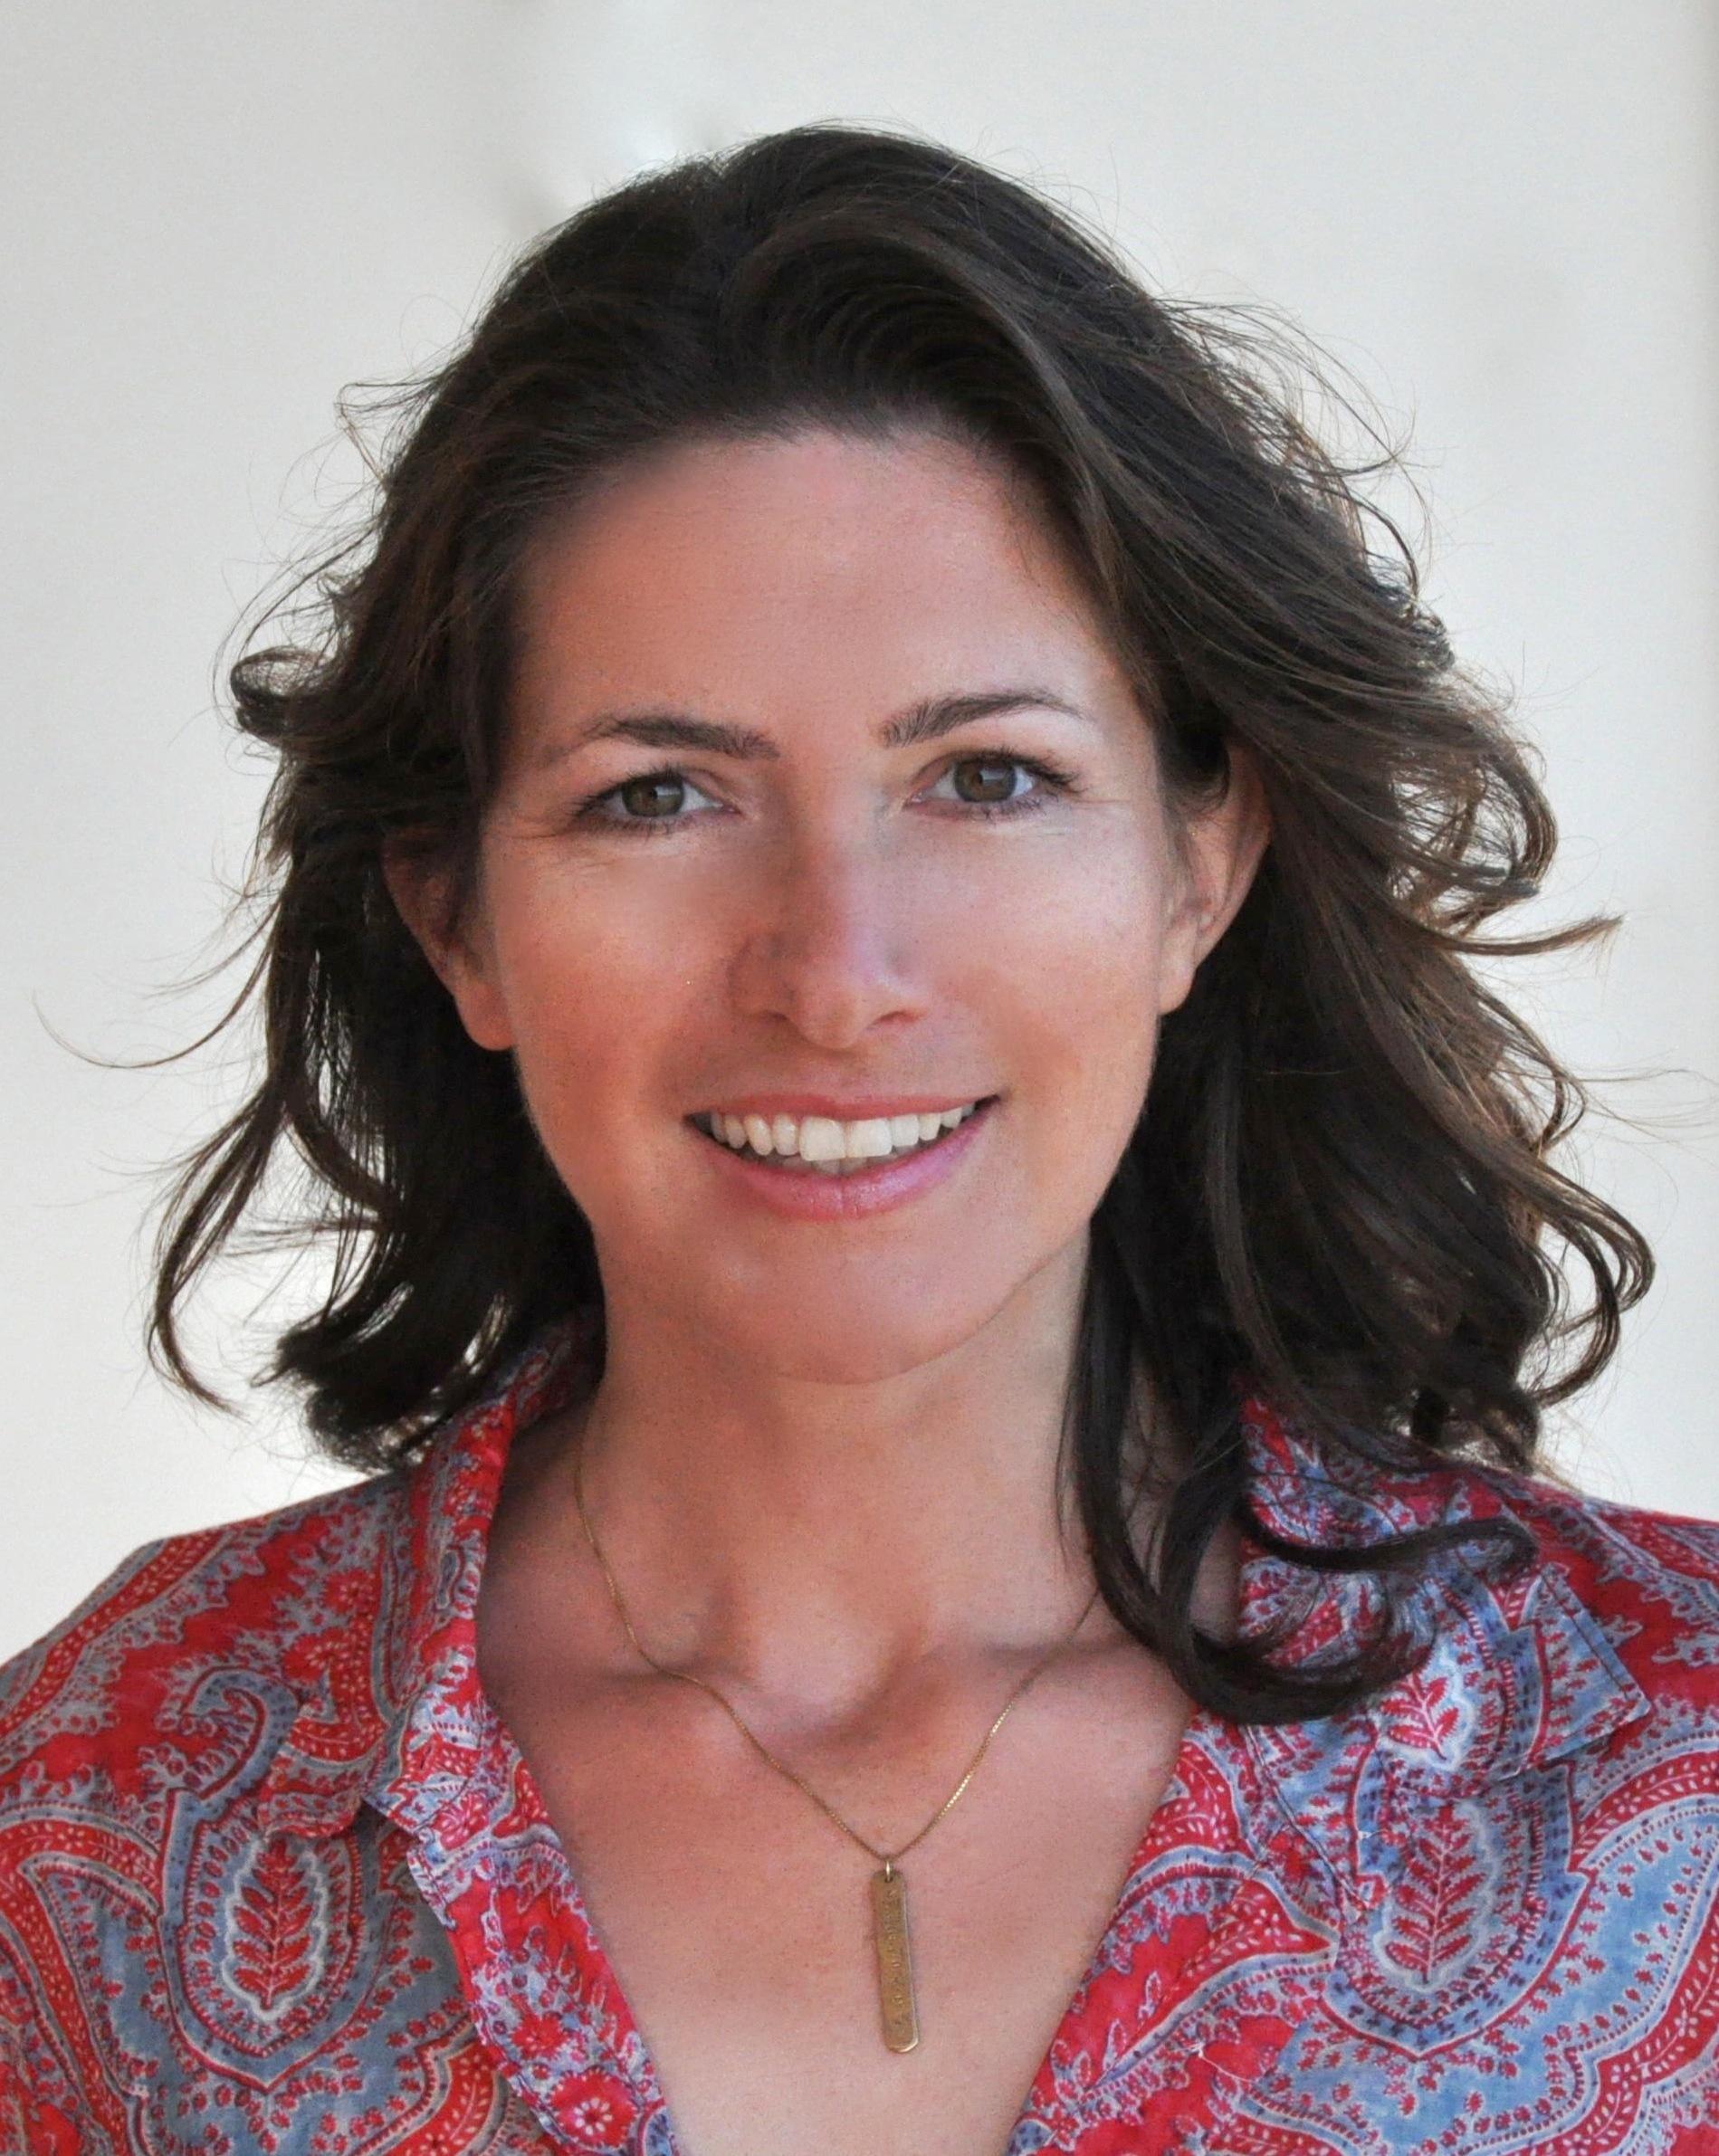 Author Michaela Haas